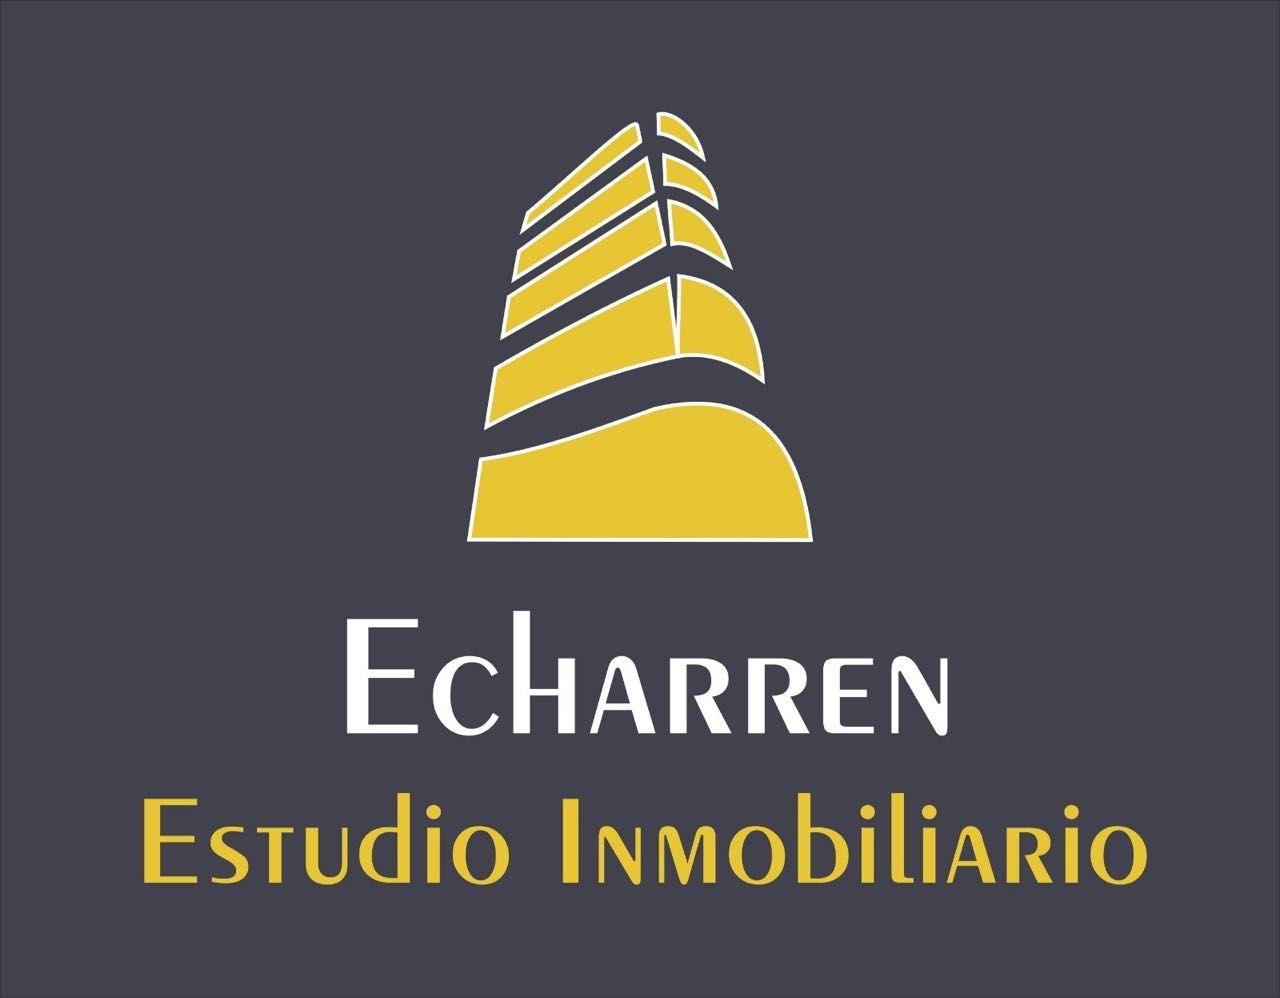 Logo de  Estudioinmobiliarioecharren